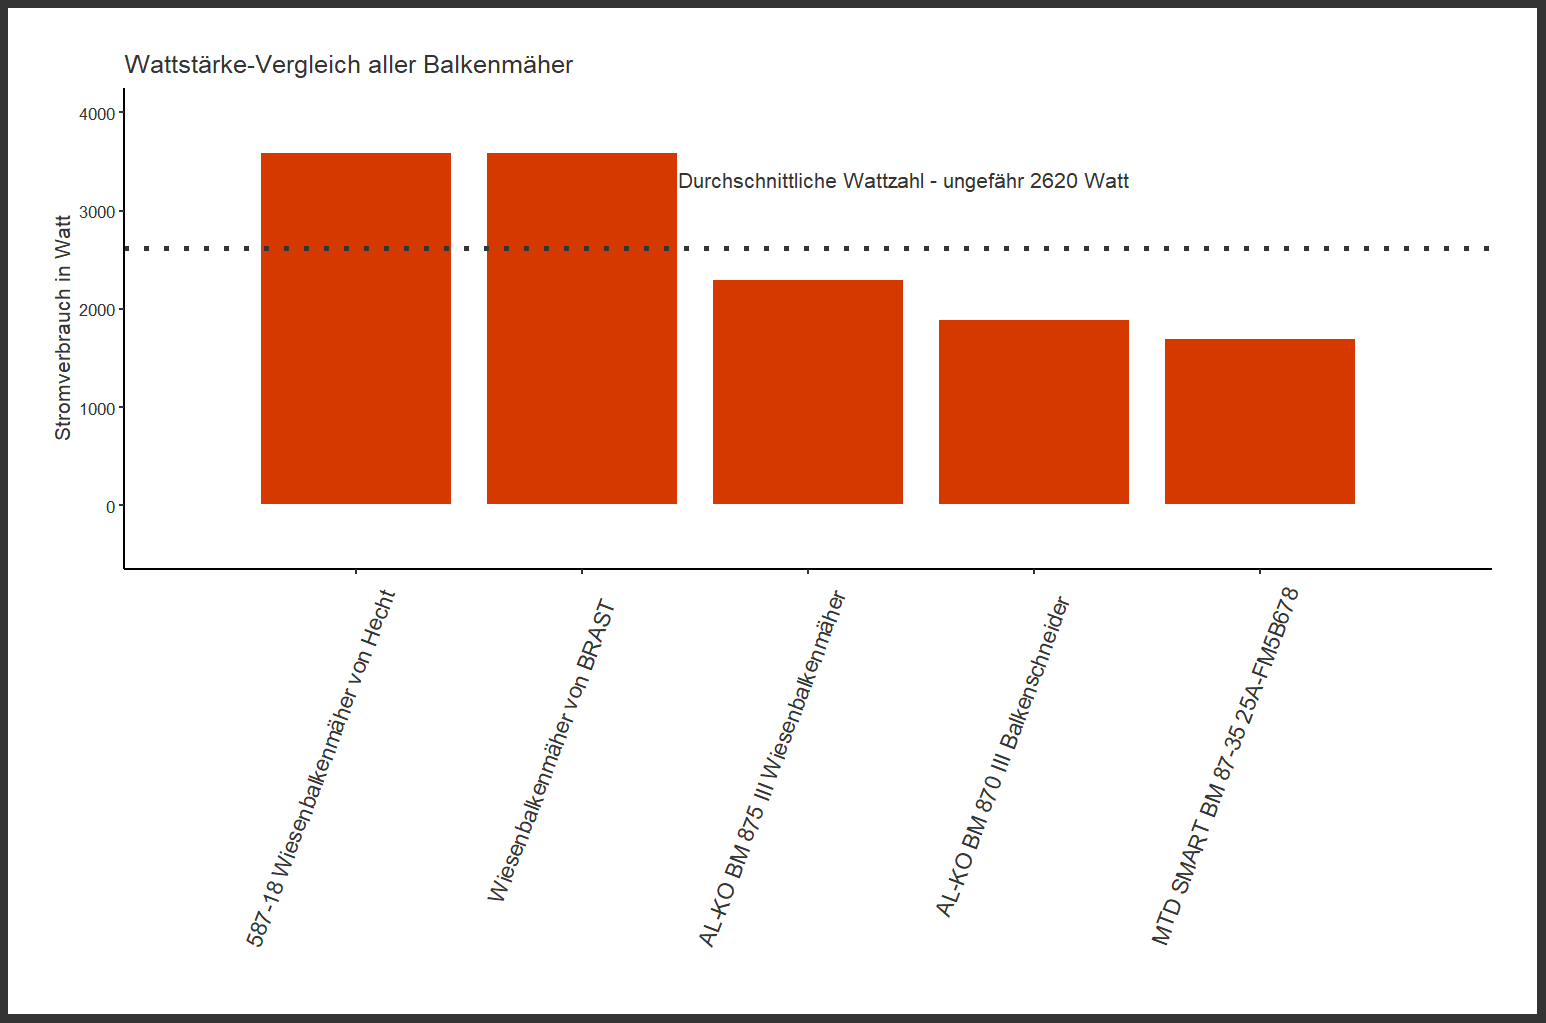 Wattstärke-Vergleich aller Balkenmäher